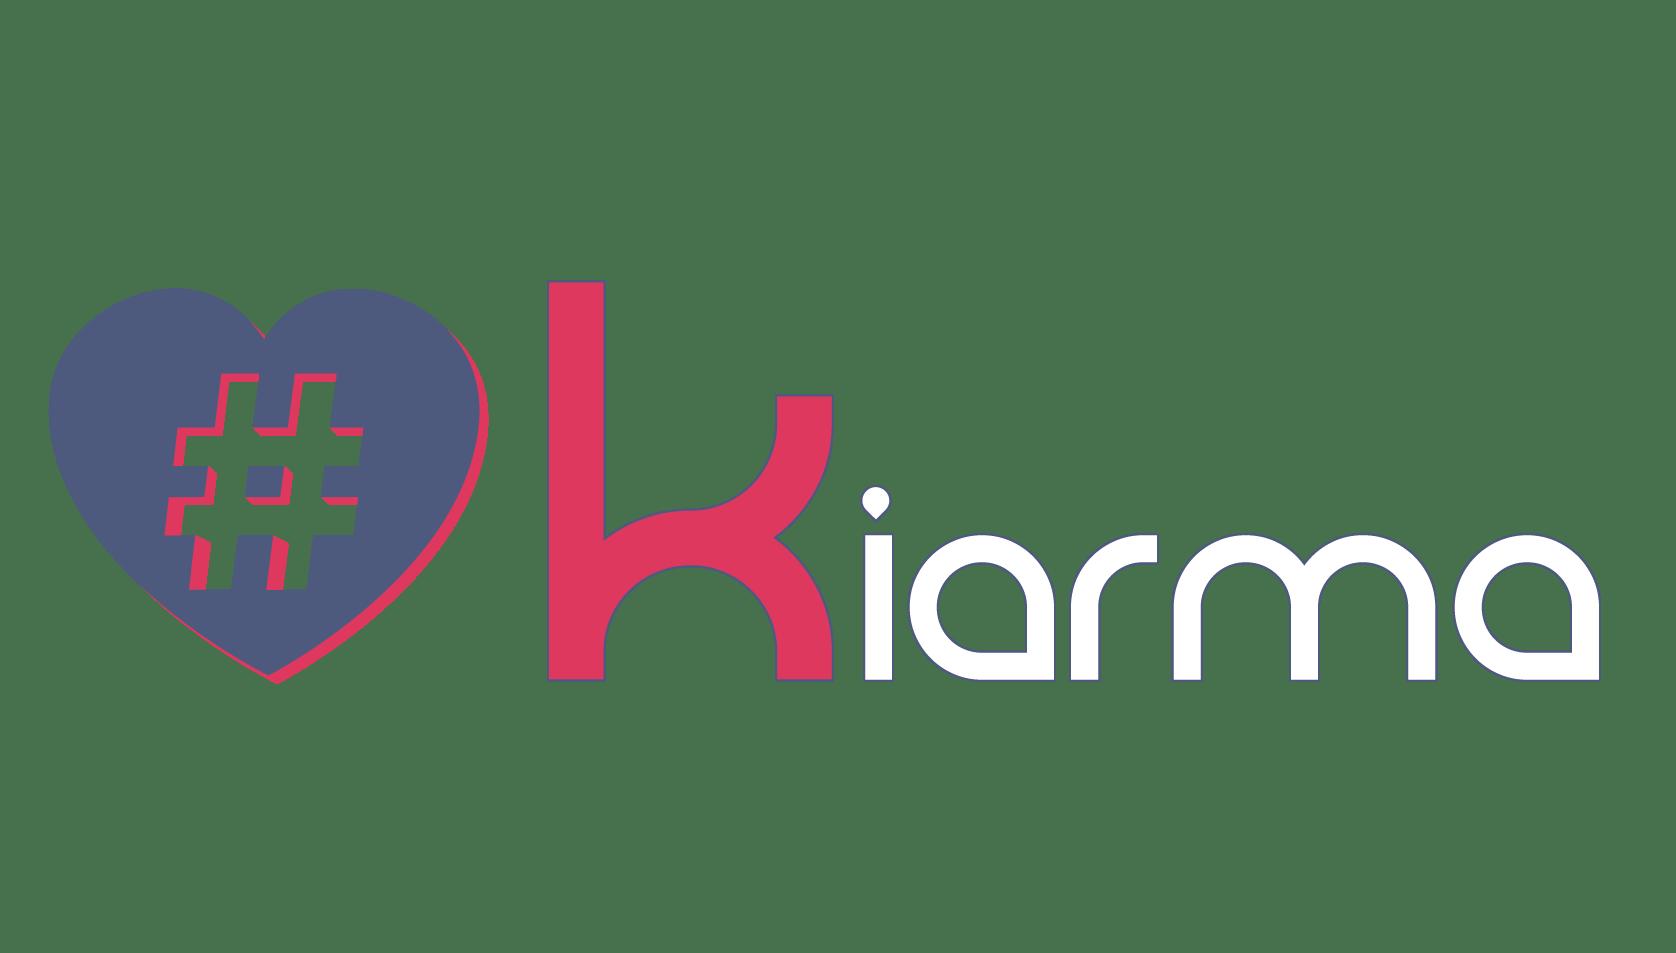 Kiarma_web_agency_logo_bianco_traccia_2019